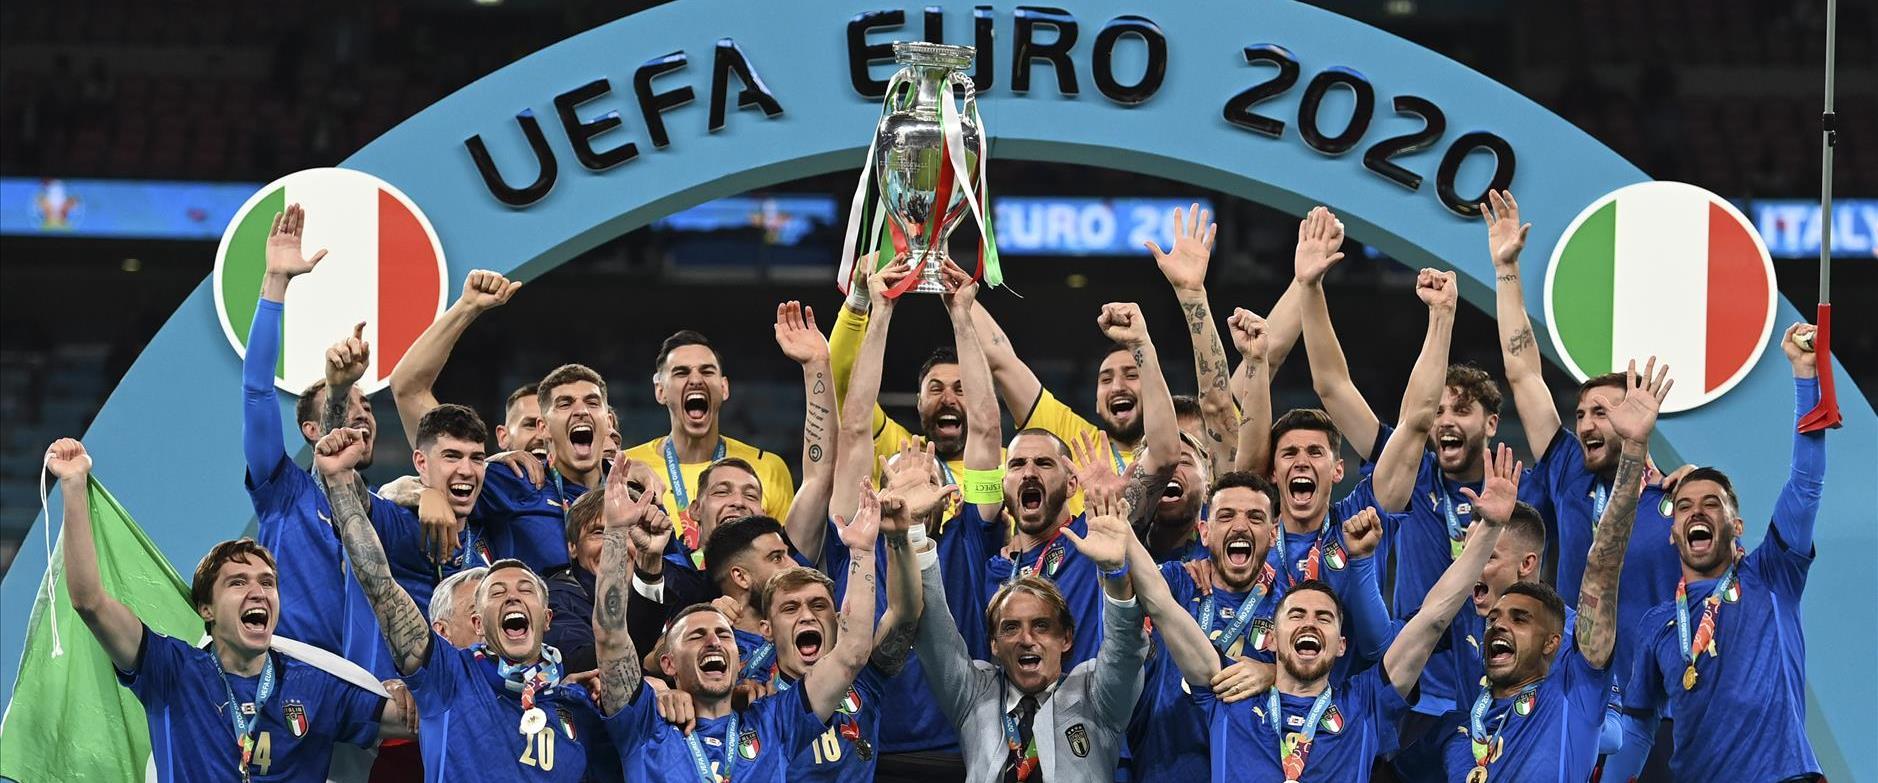 איטליה זכתה ביורו